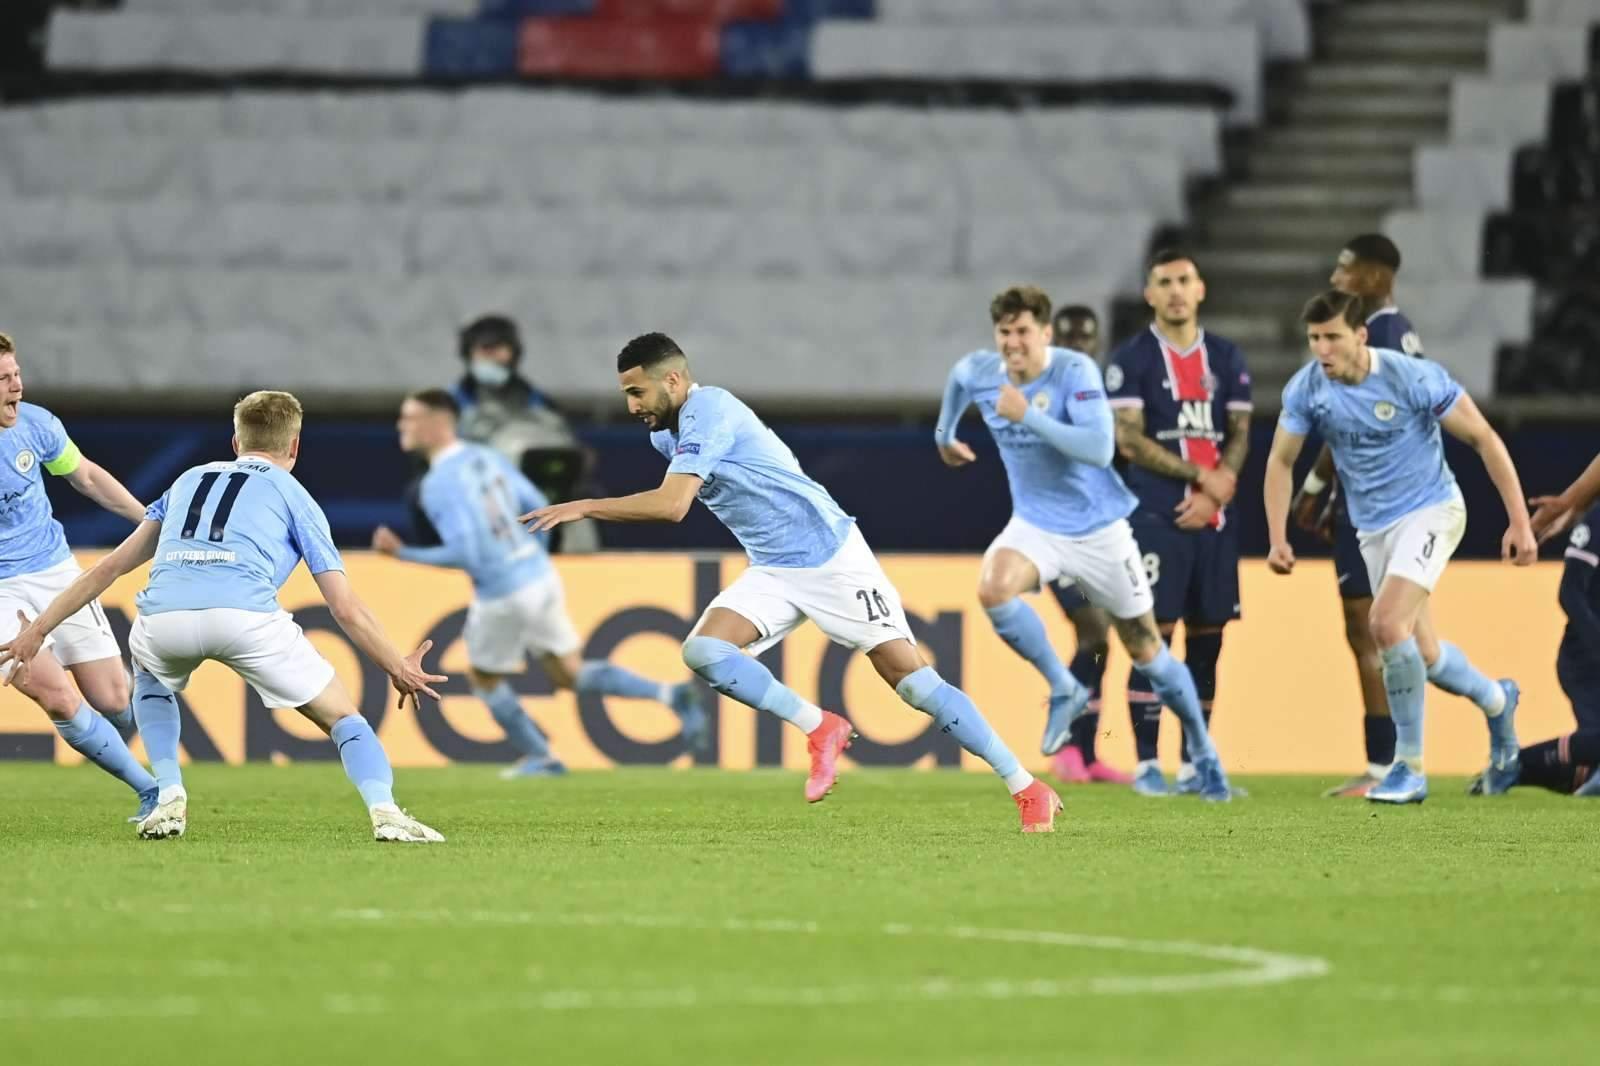 Карсон – о дебюте за «Манчестер Сити»: «Я наслаждался каждой минутой на поле»